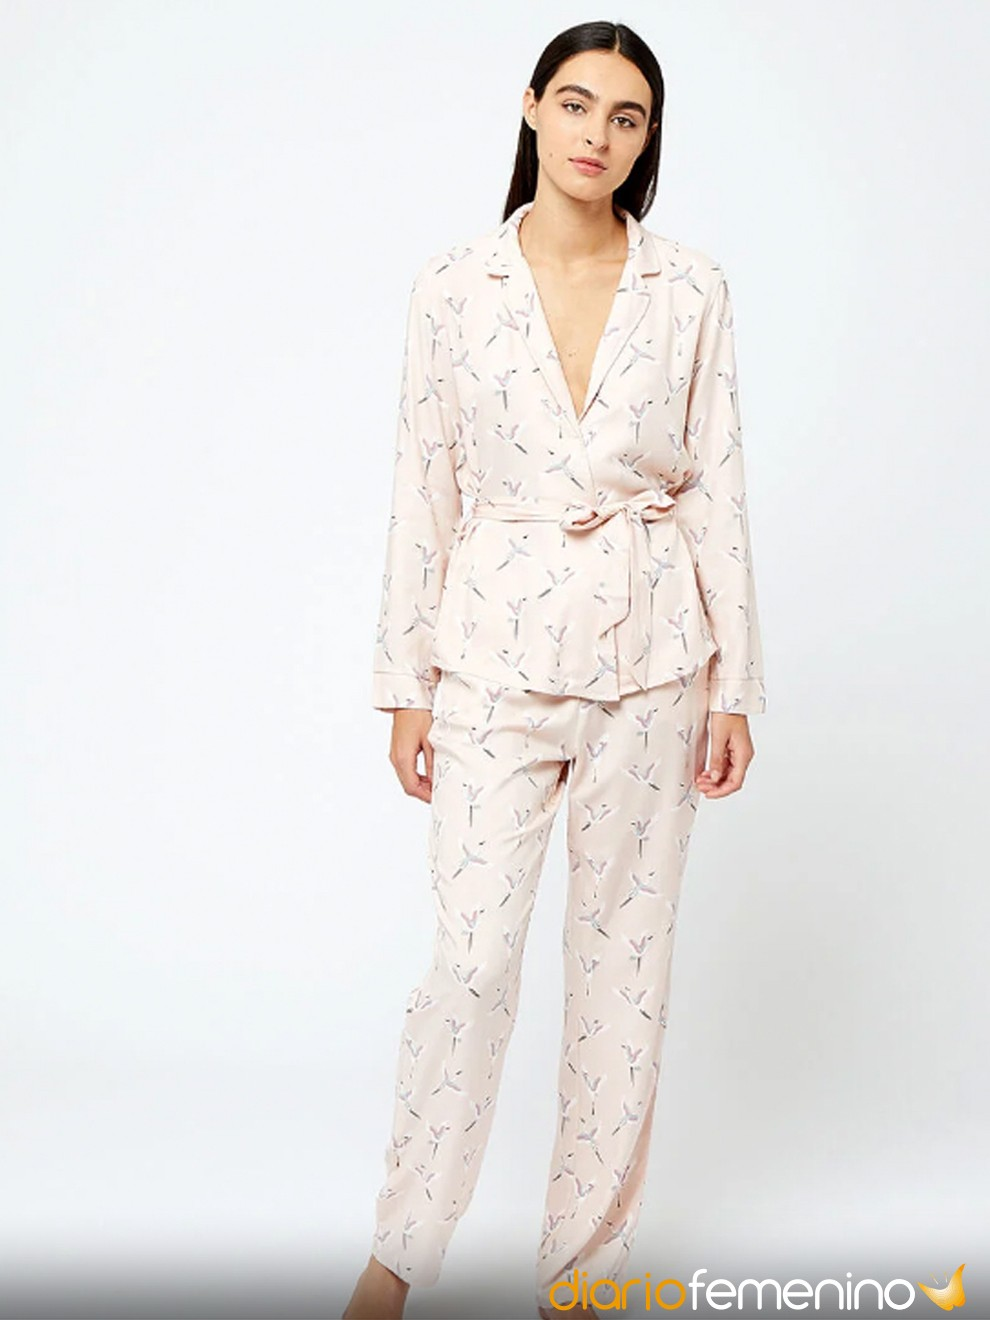 Elegante pijama de Etam con flores para Nochevieja 2020/2021